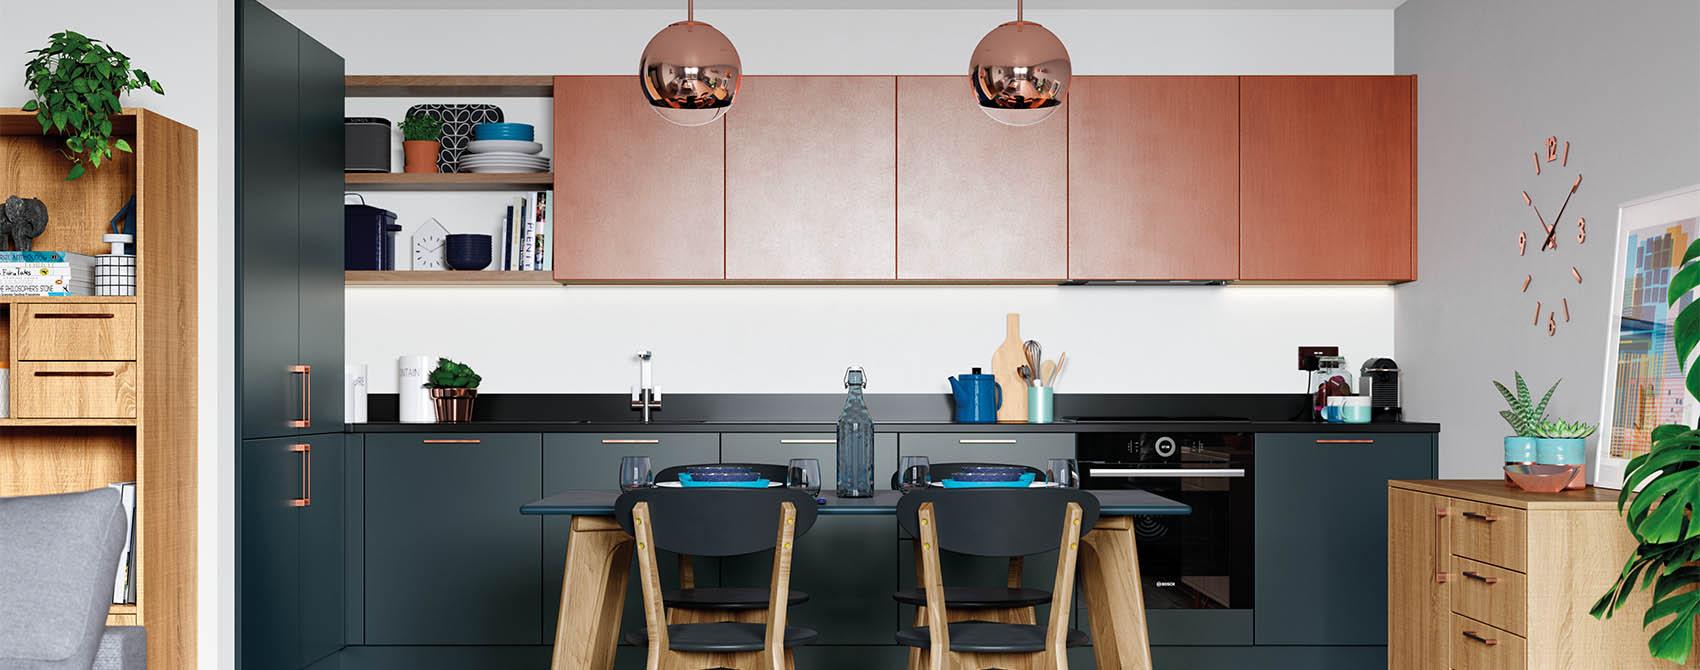 Copper blue contemporary